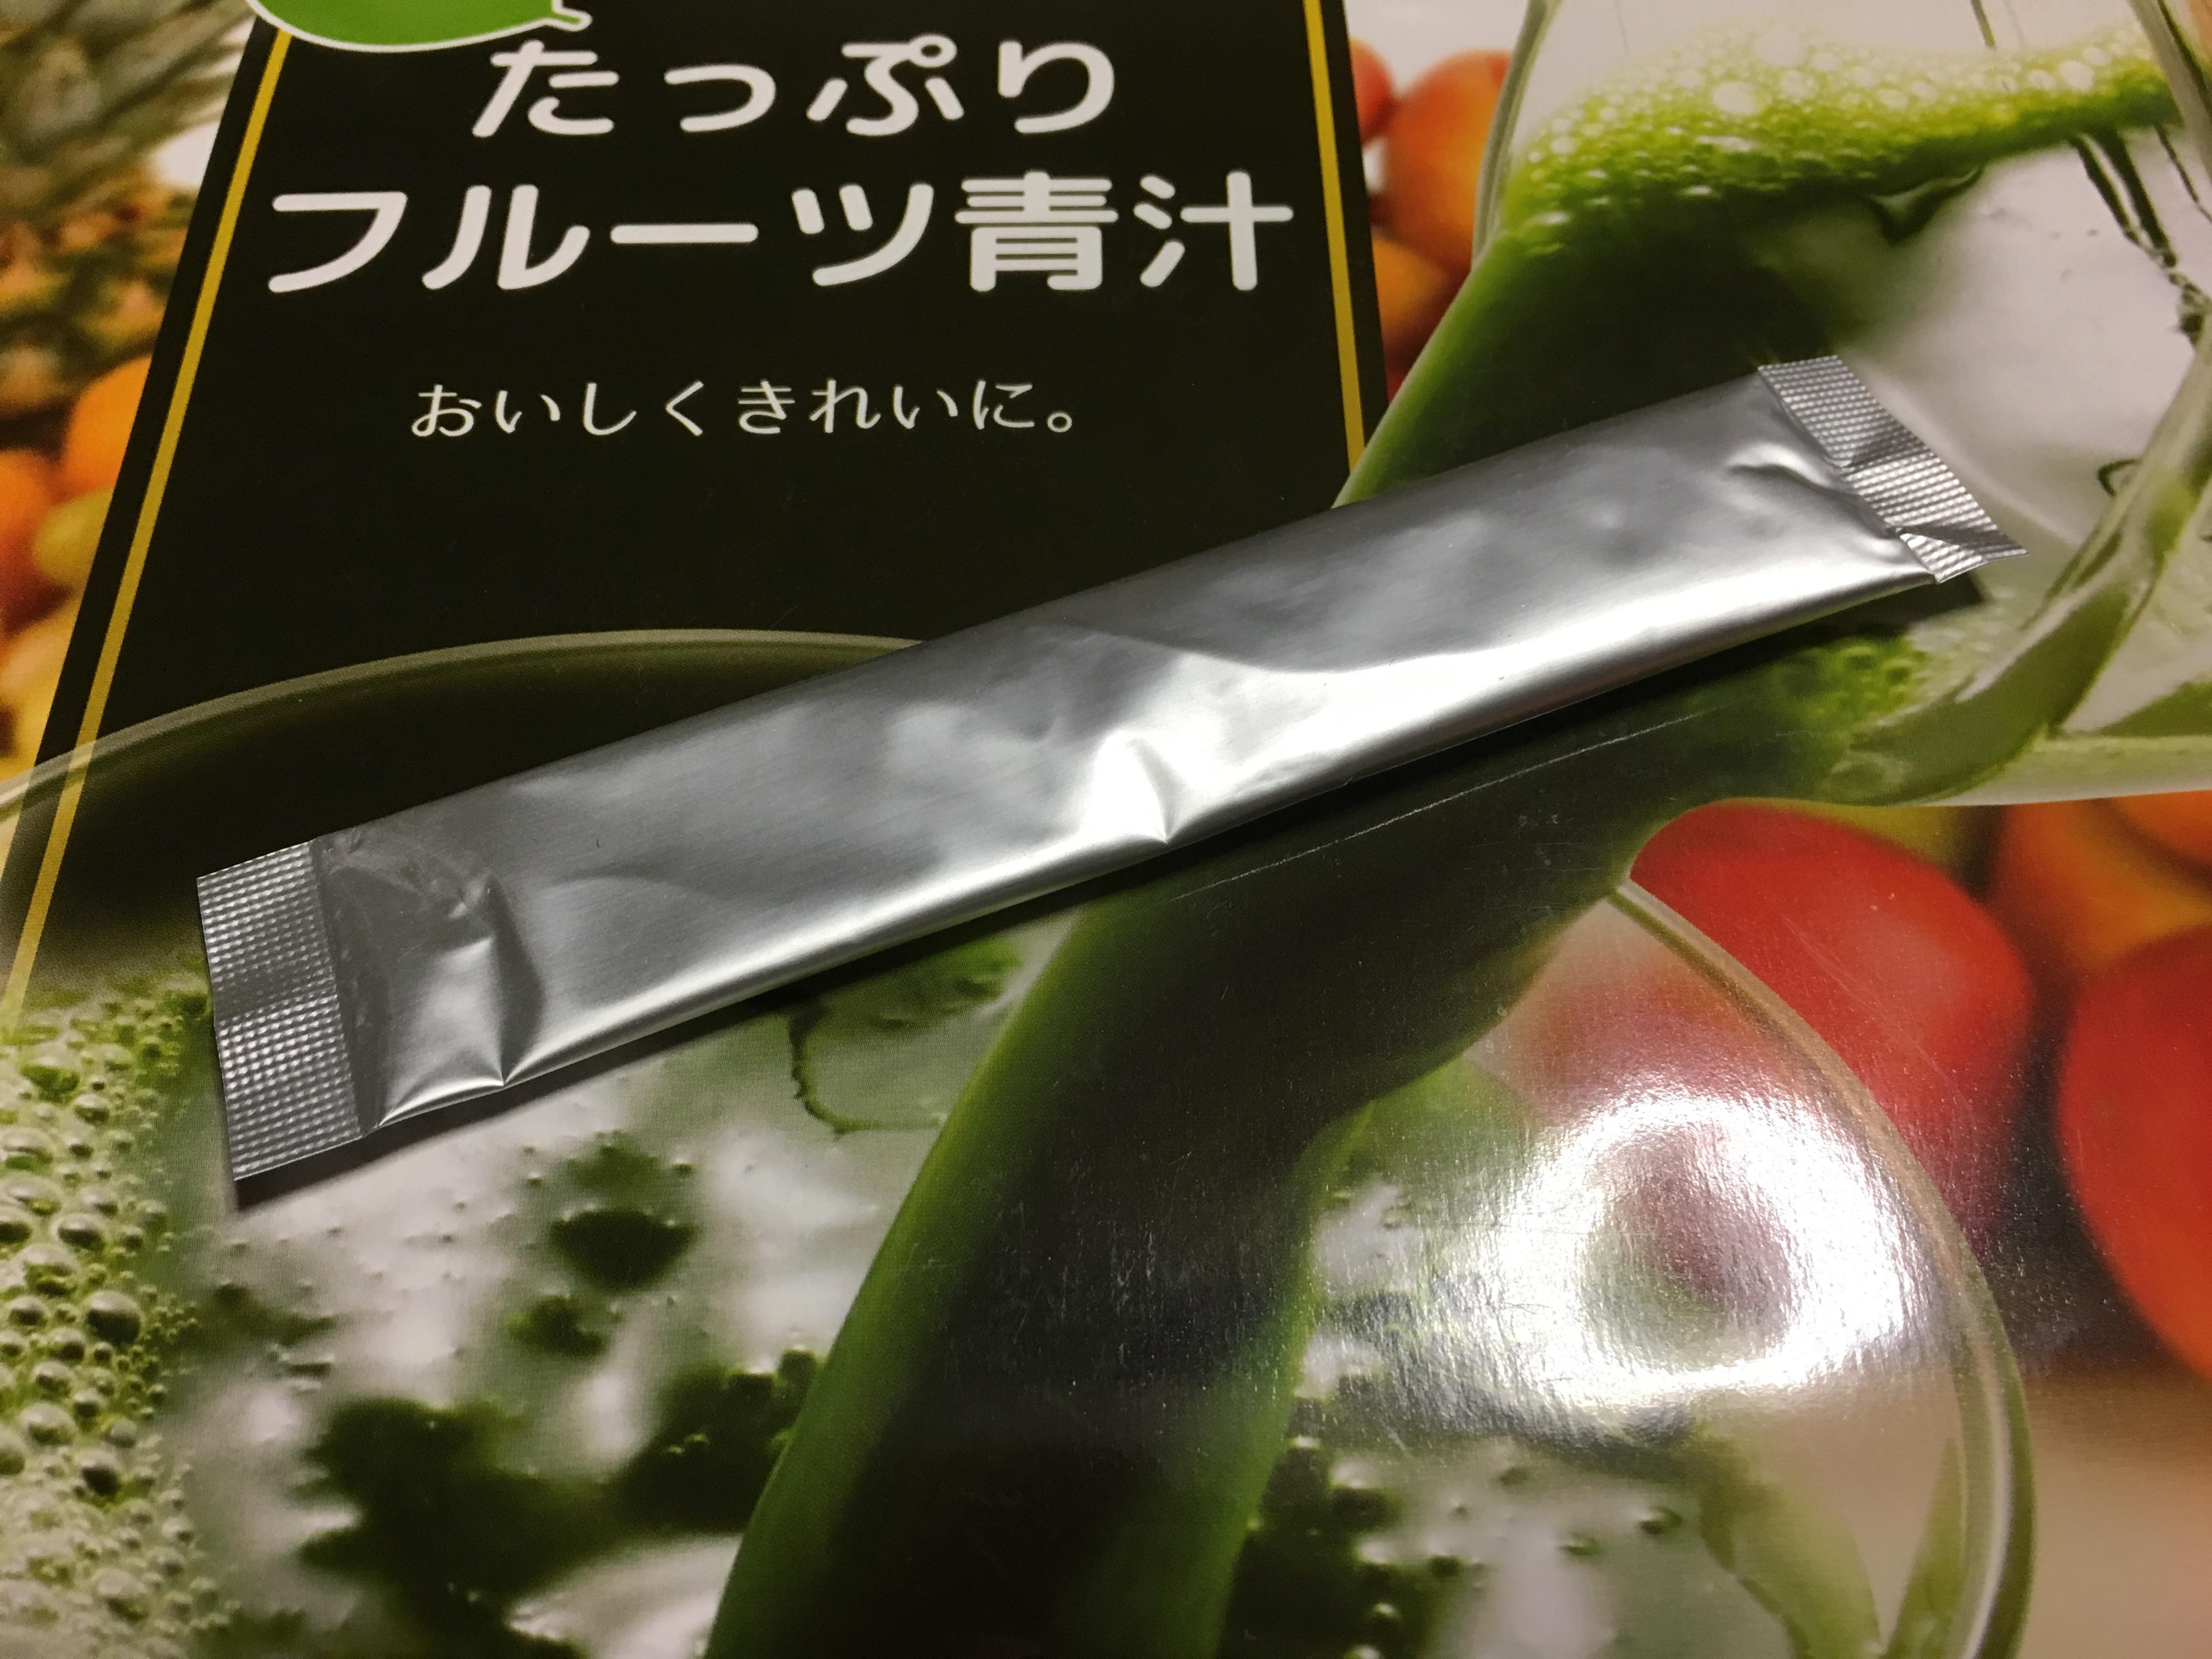 めっちゃたっぷりフルーツ青汁の味